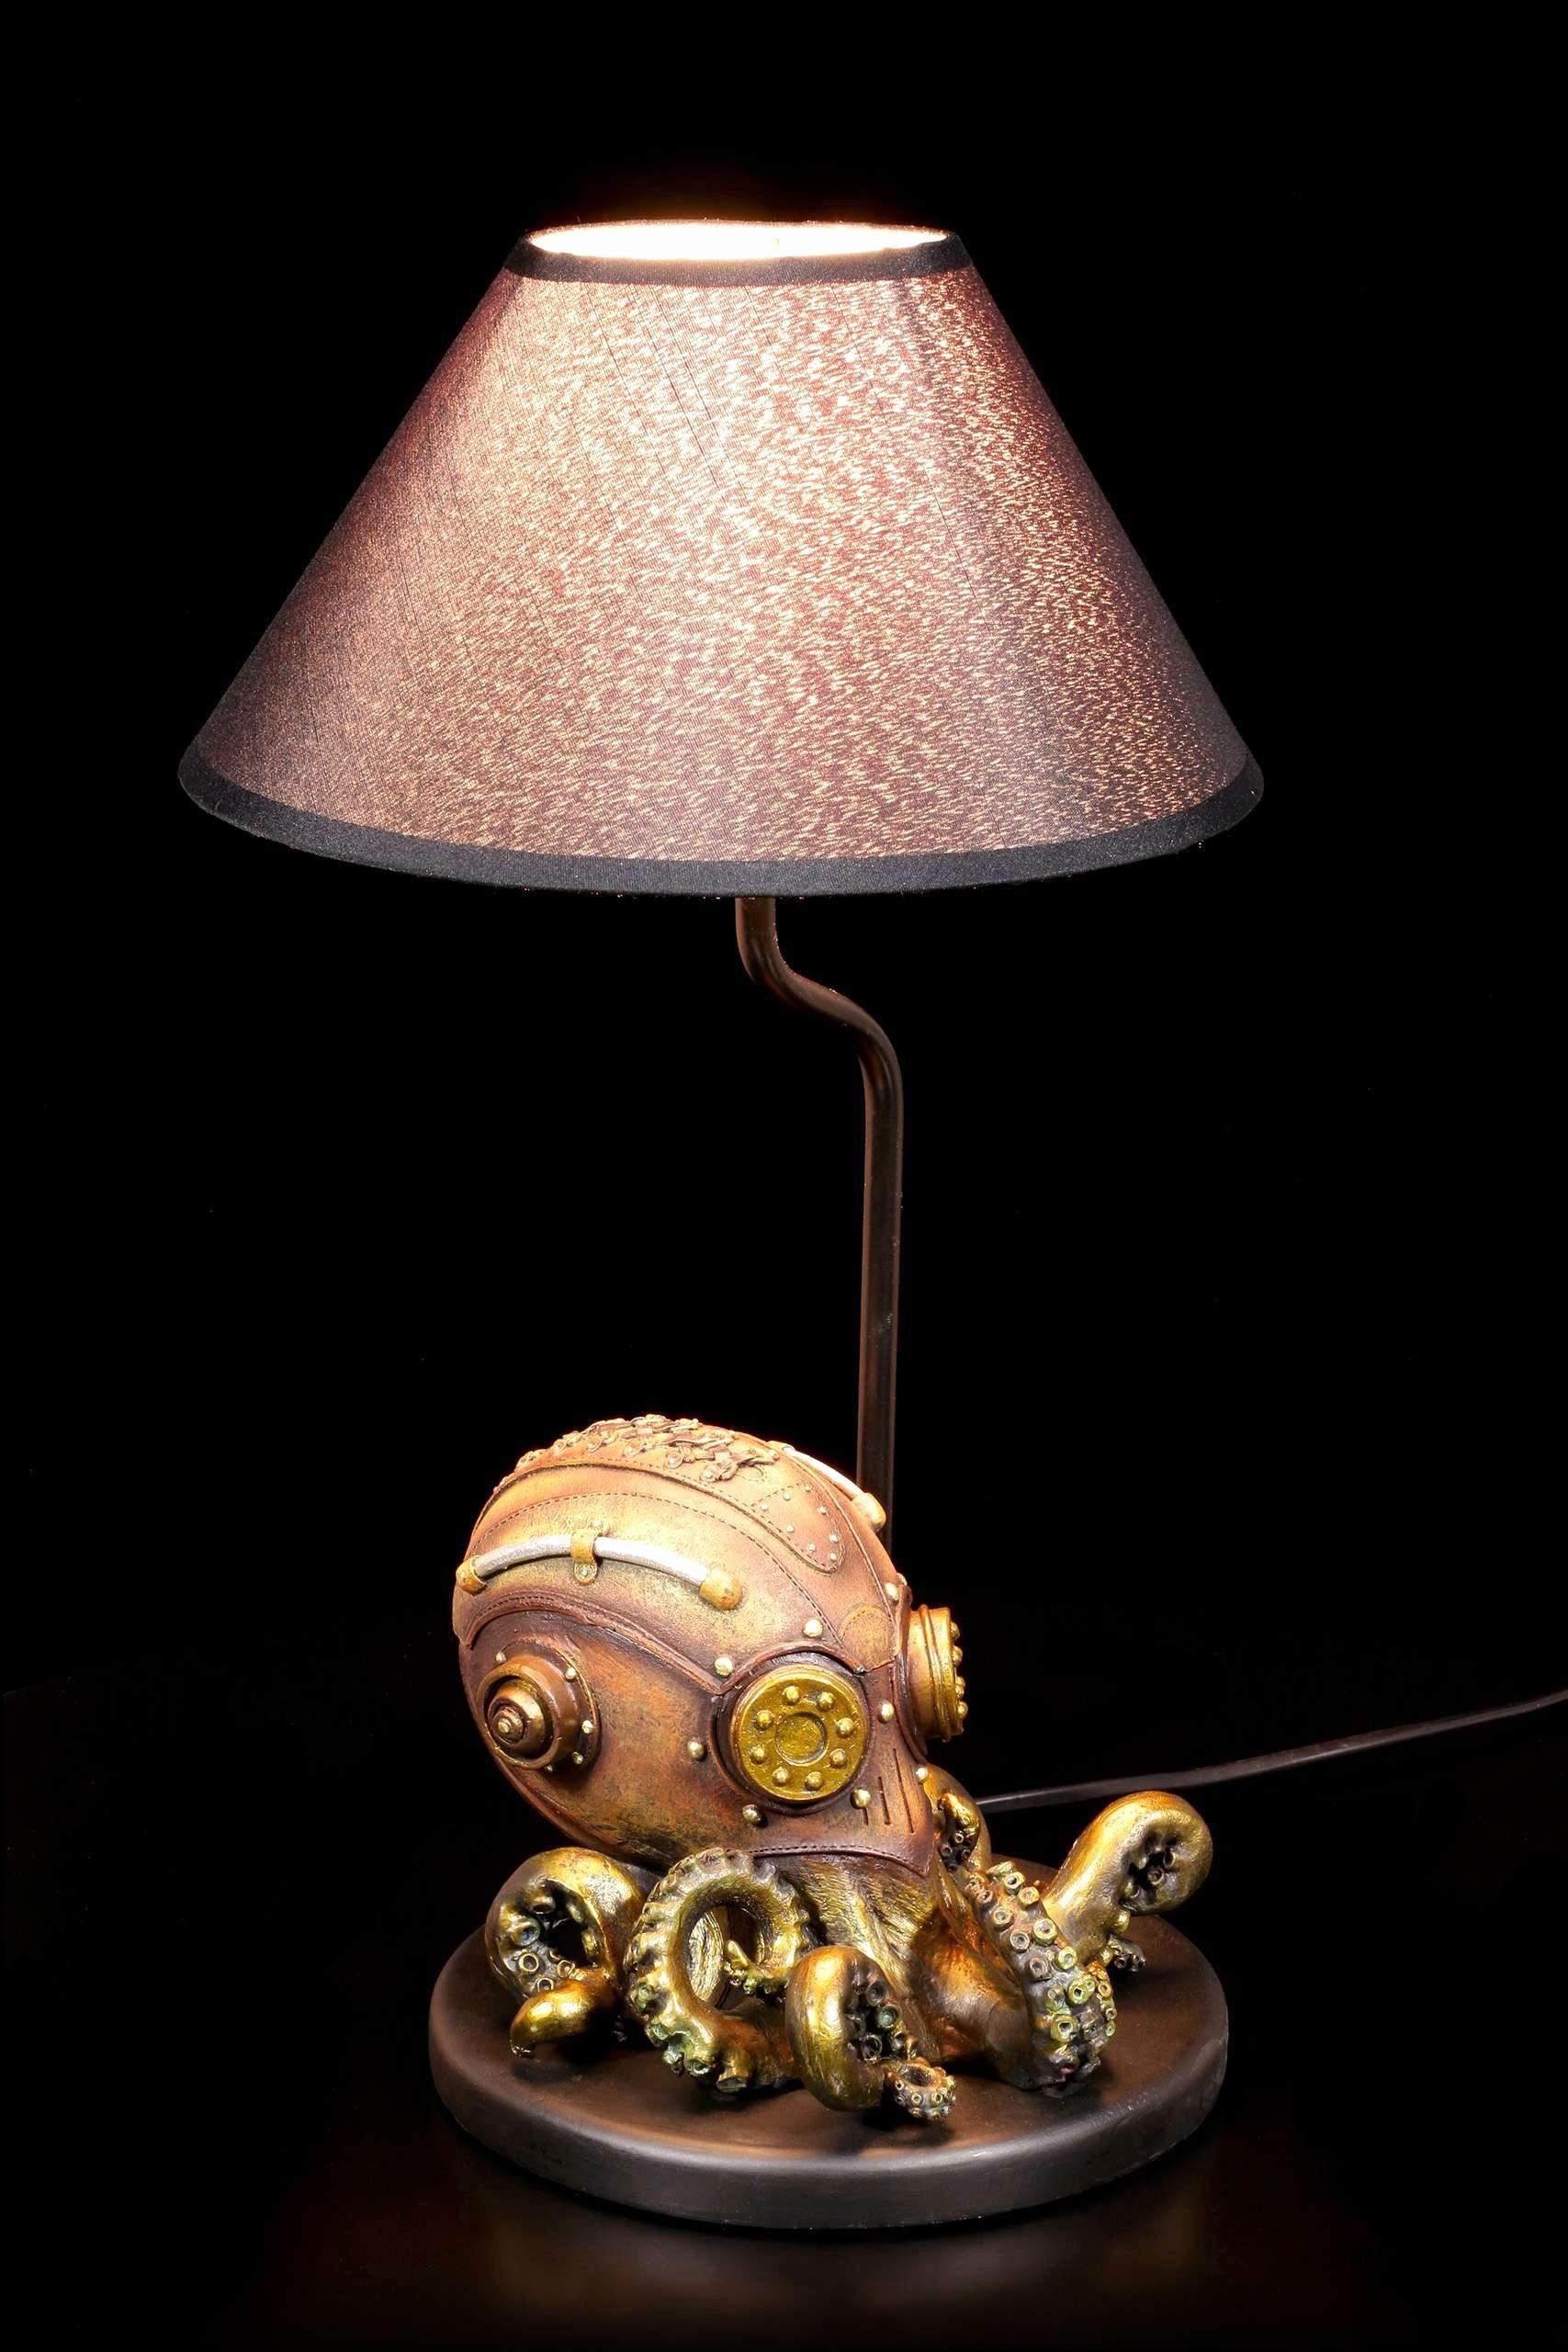 Full Size of Wohnzimmer Led Lampe Sofa Leder Deckenleuchten Schrankwand Deckenleuchte Vinylboden Sessel Moderne Wildleder Deckenstrahler Beleuchtung Einbaustrahler Bad Wohnzimmer Wohnzimmer Led Lampe